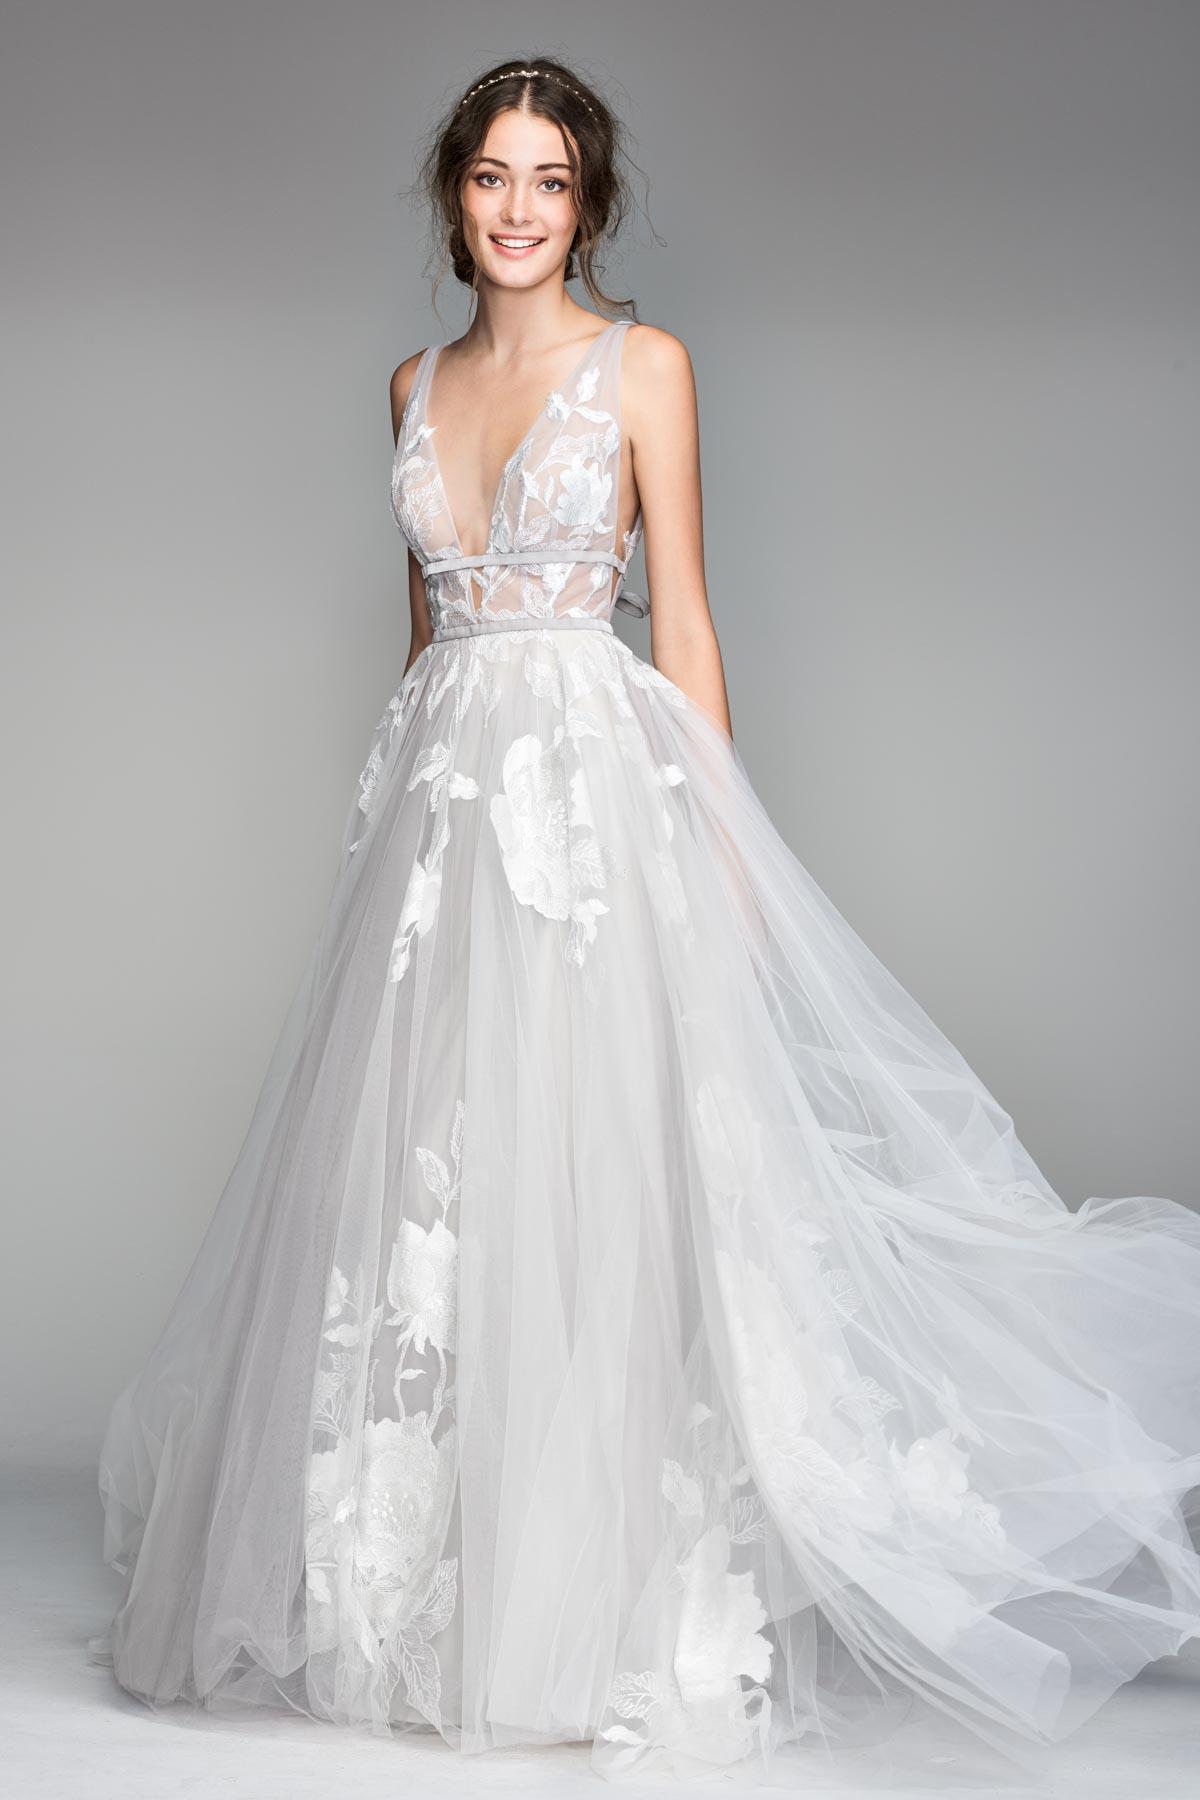 Elegante Btaut im Kleid mit Floraler Spitze